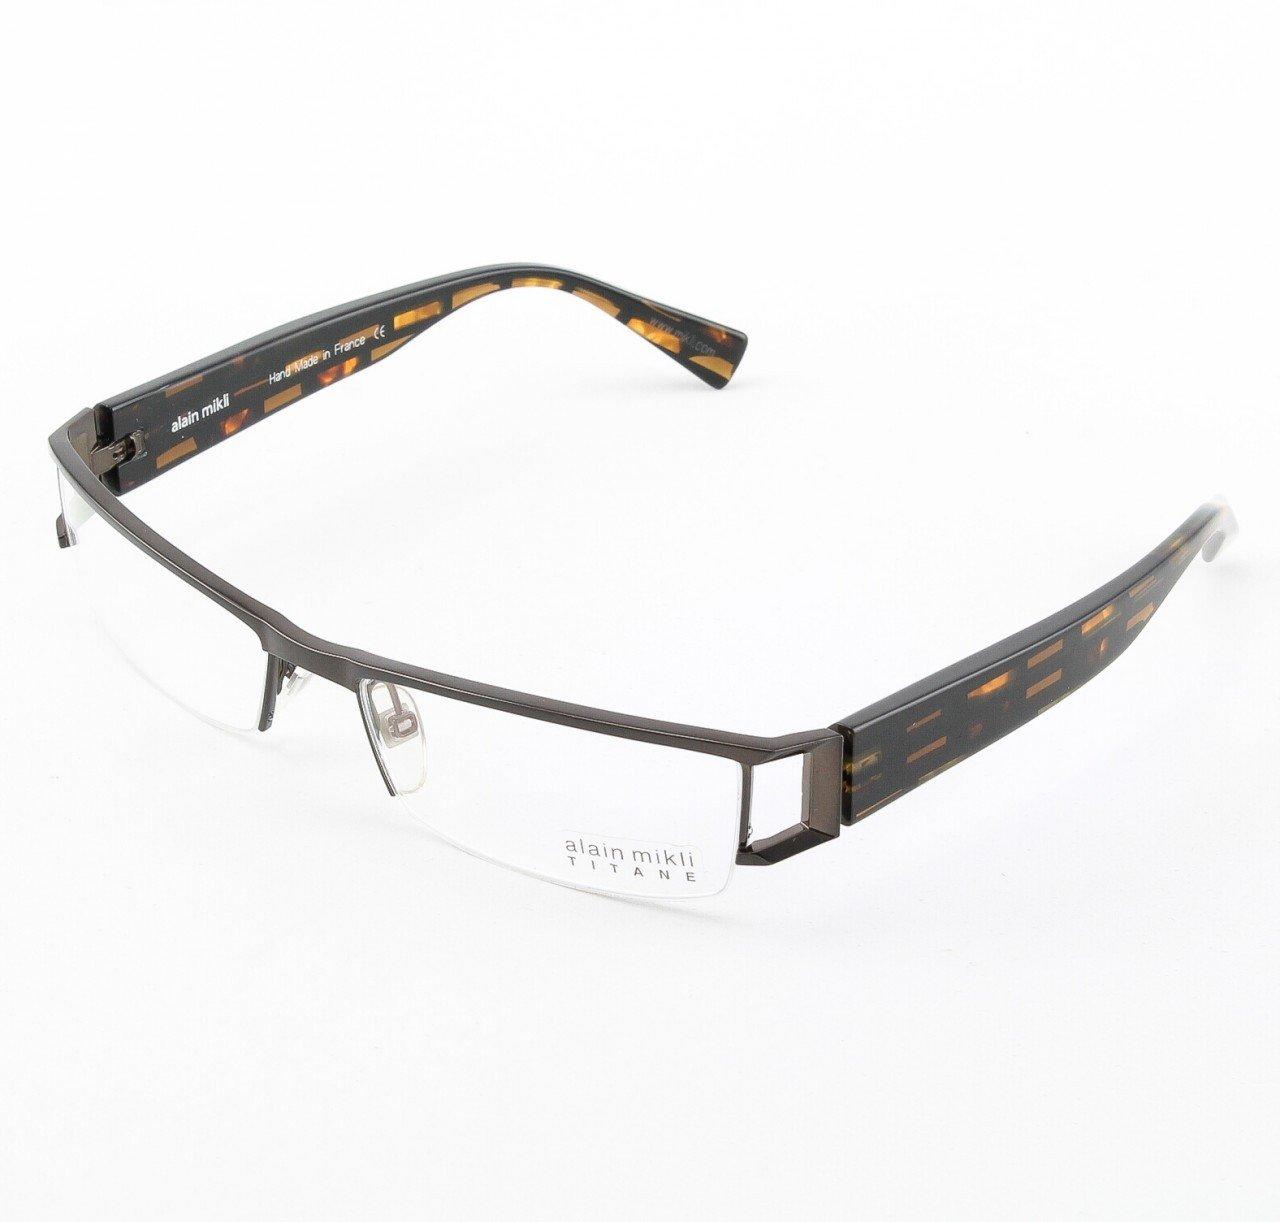 Alain Mikli Eyeglasses AL0867 Col. 86 Geometric Black and Tortoise